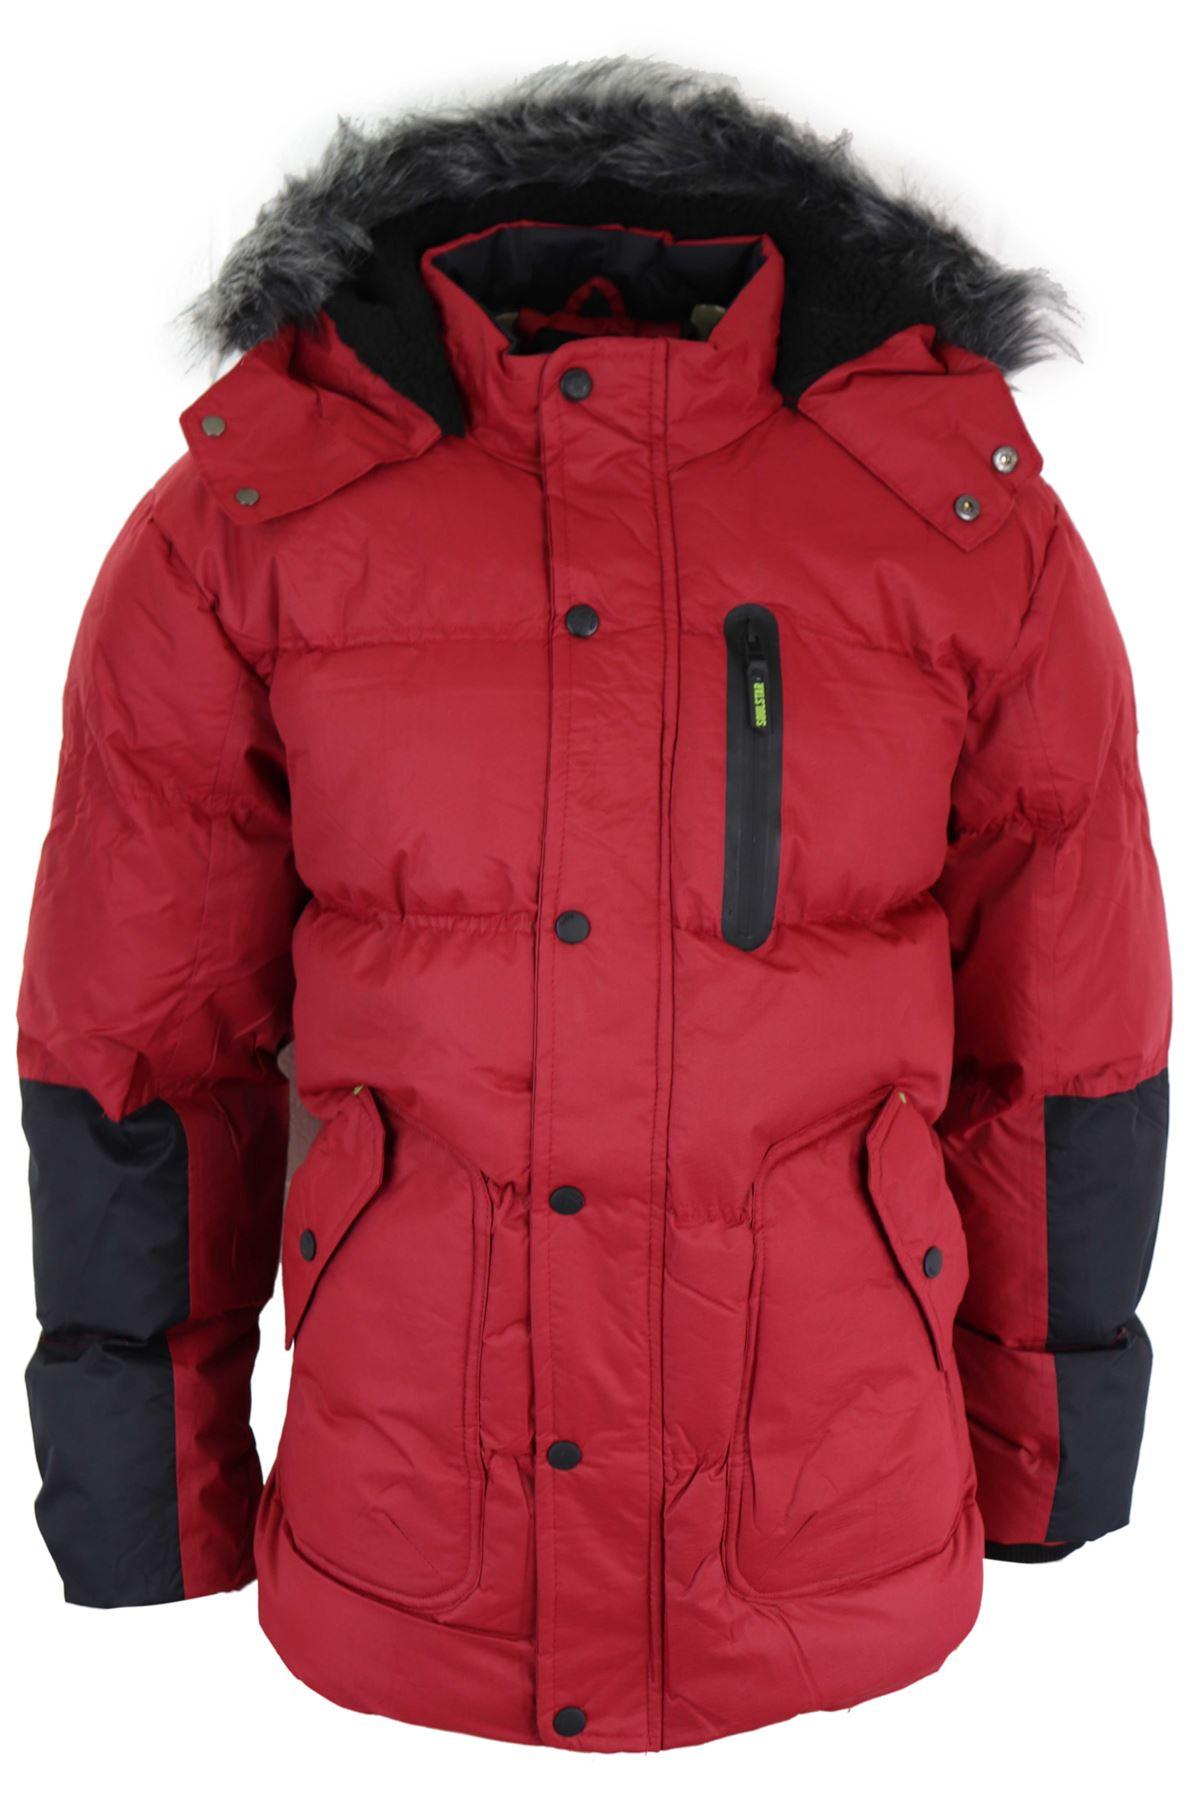 bas prix 8eaee b650e Détails sur Doudoune homme manteau matelassé parka rouge gris chaud capuche  fourrée